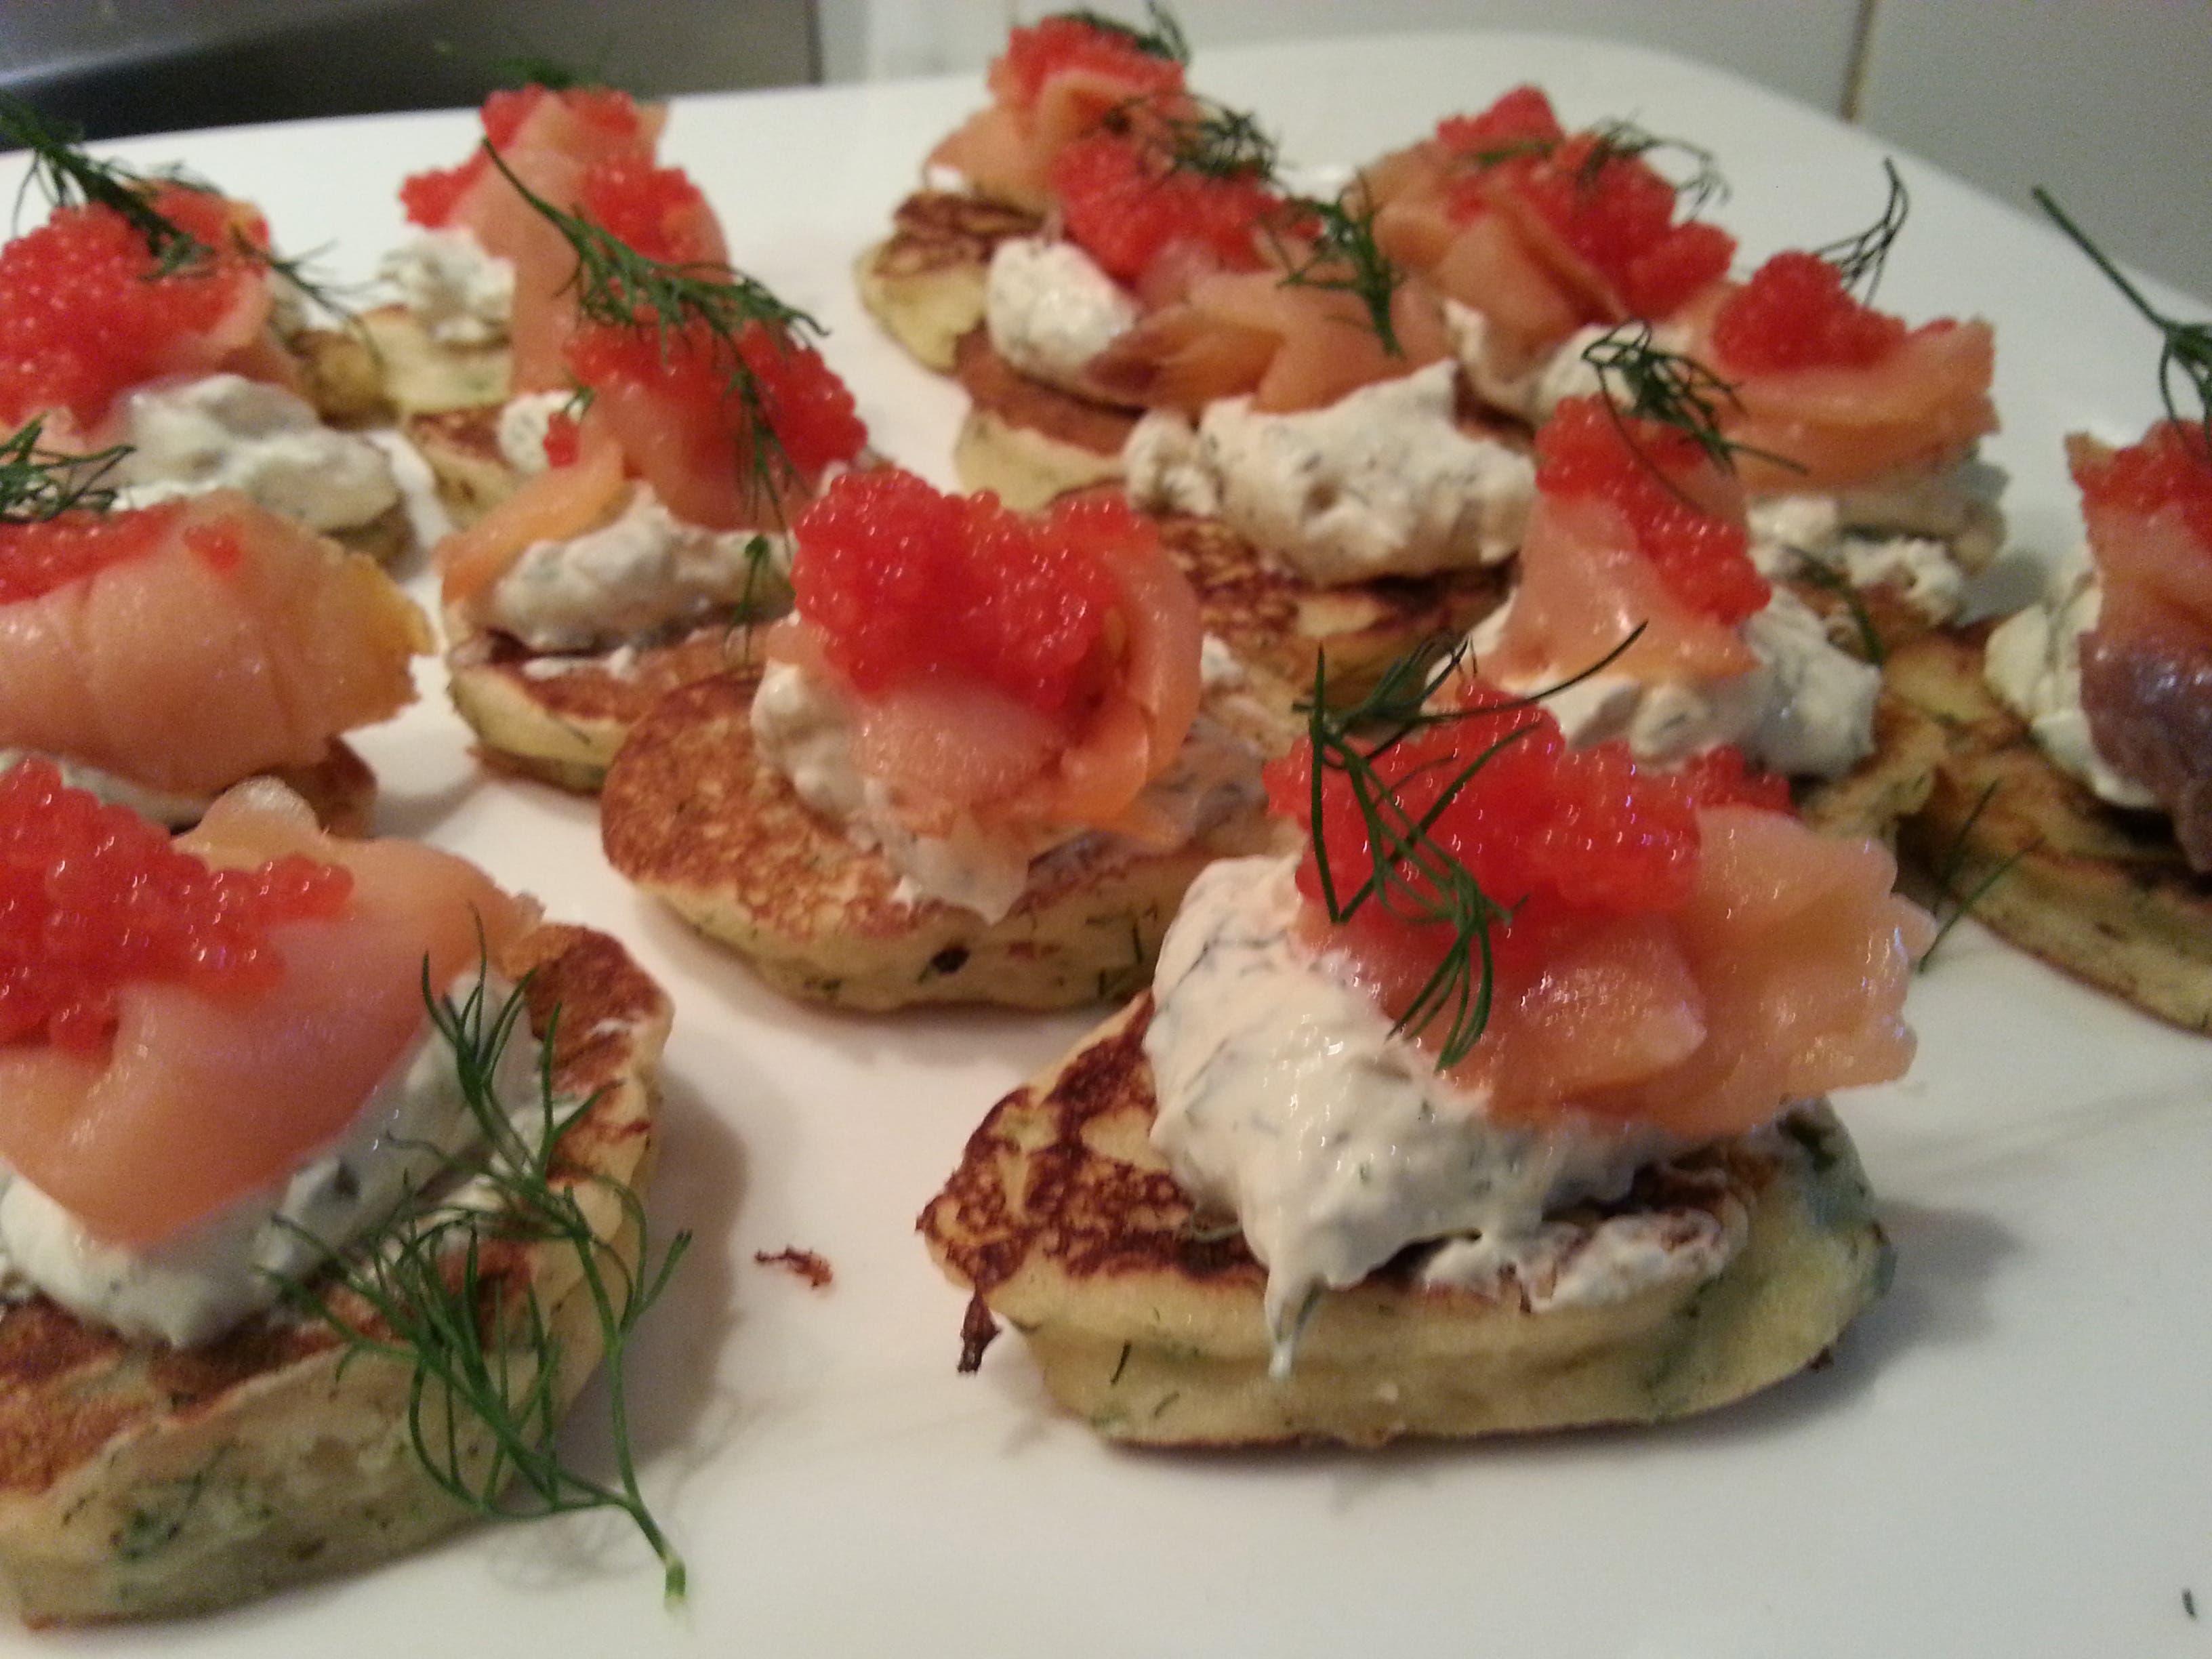 Dill Blini with Caper Crème Fraiche and Smoked Salmon